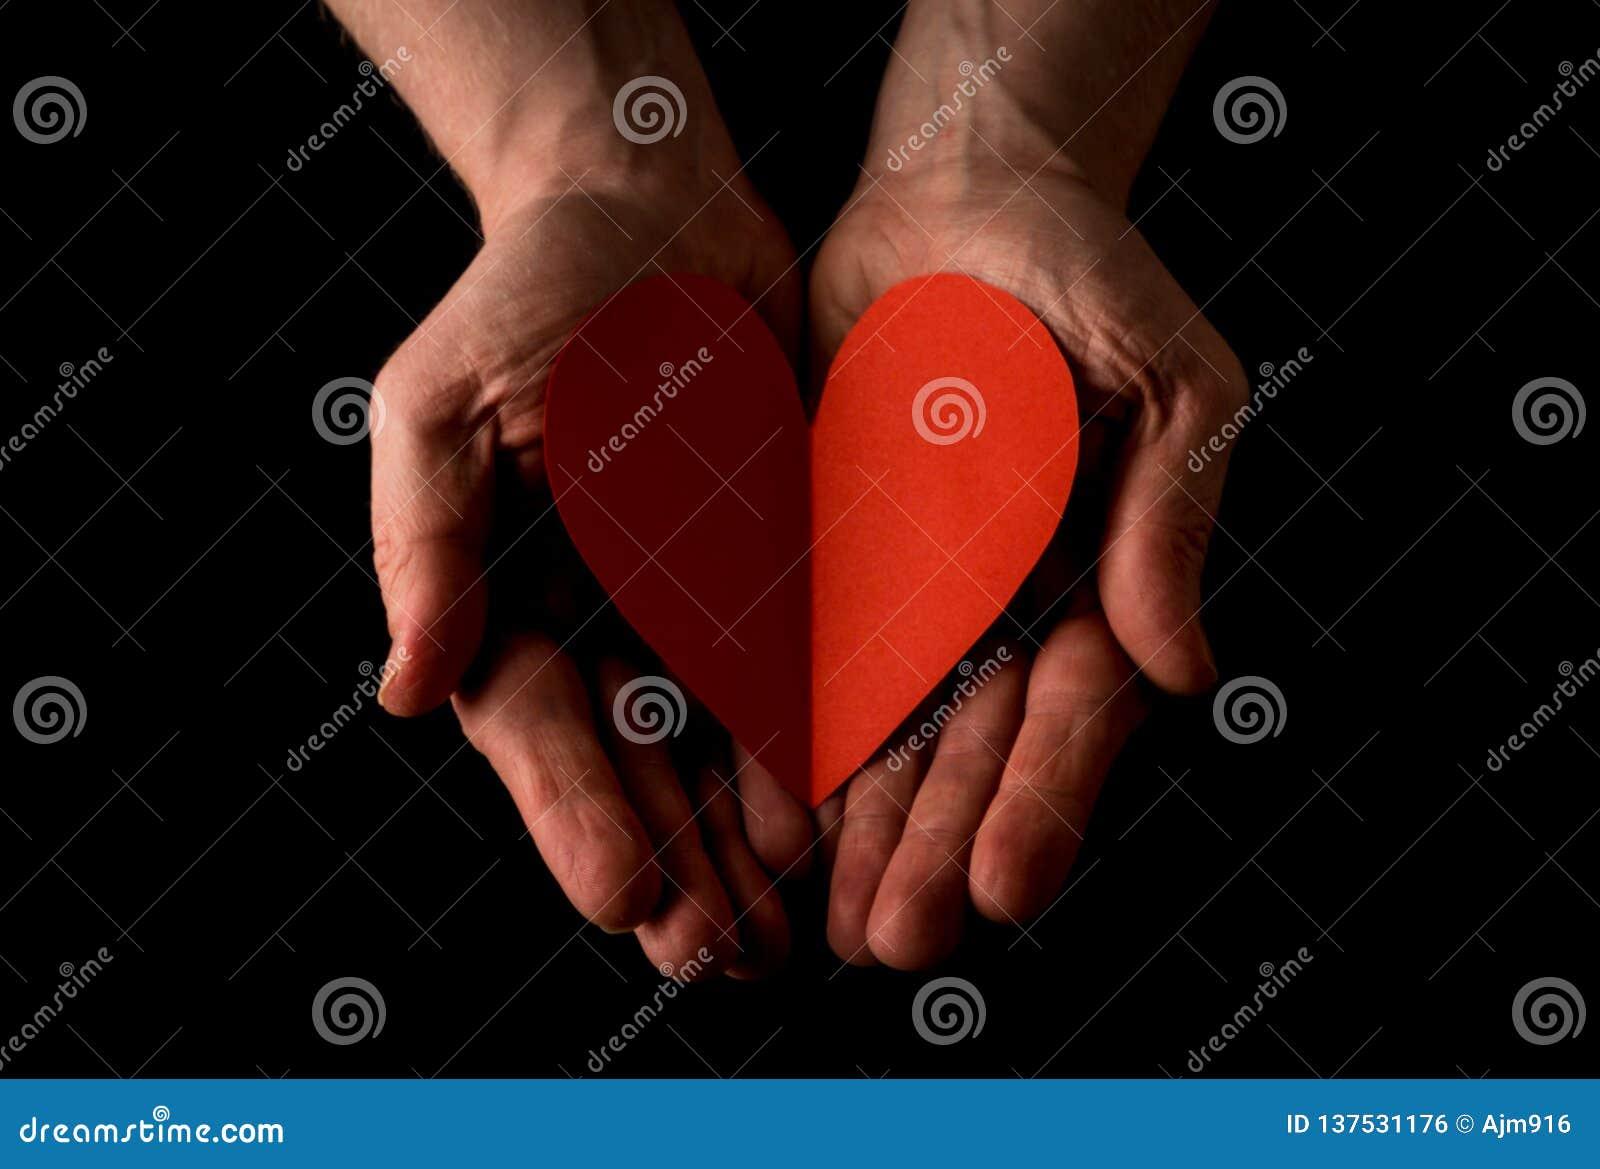 Pomocnej dłoni pojęcie, mężczyzna ręk palmy w górę trzymać Czerwonego serce, dawać miłości, dosięga za